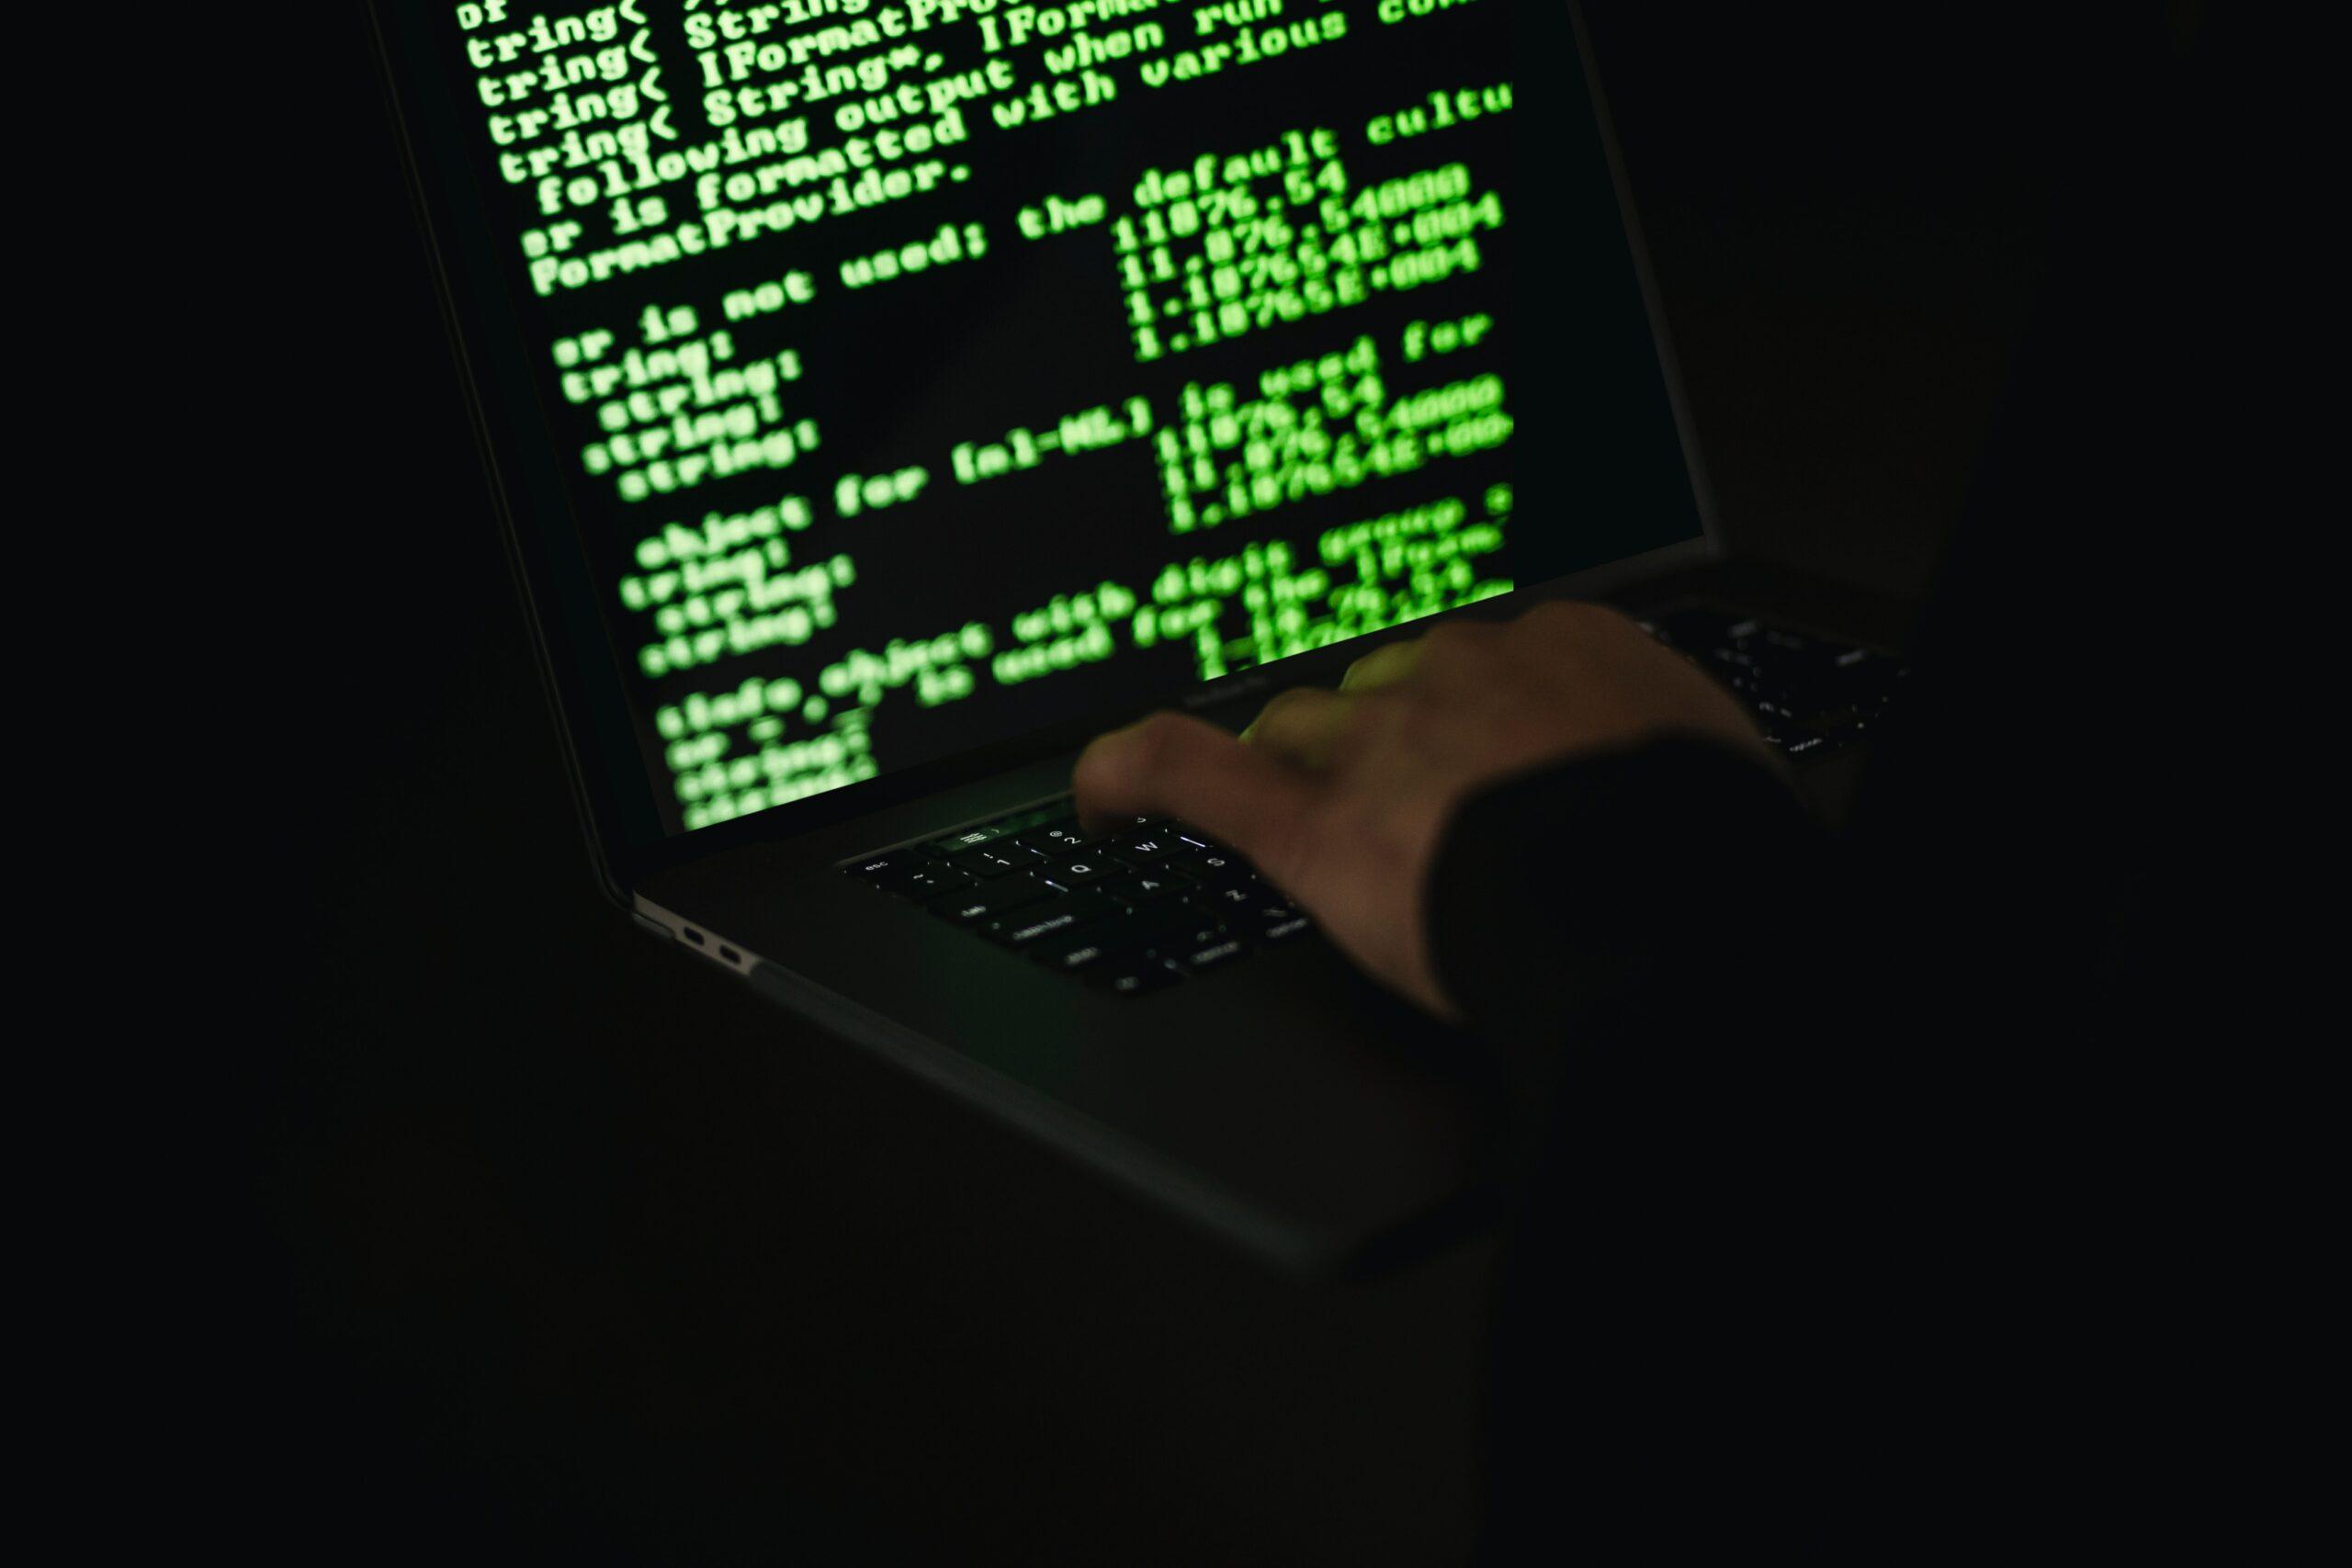 'Ik doe dit niet als cybercrimineel, maar als kwajongen'